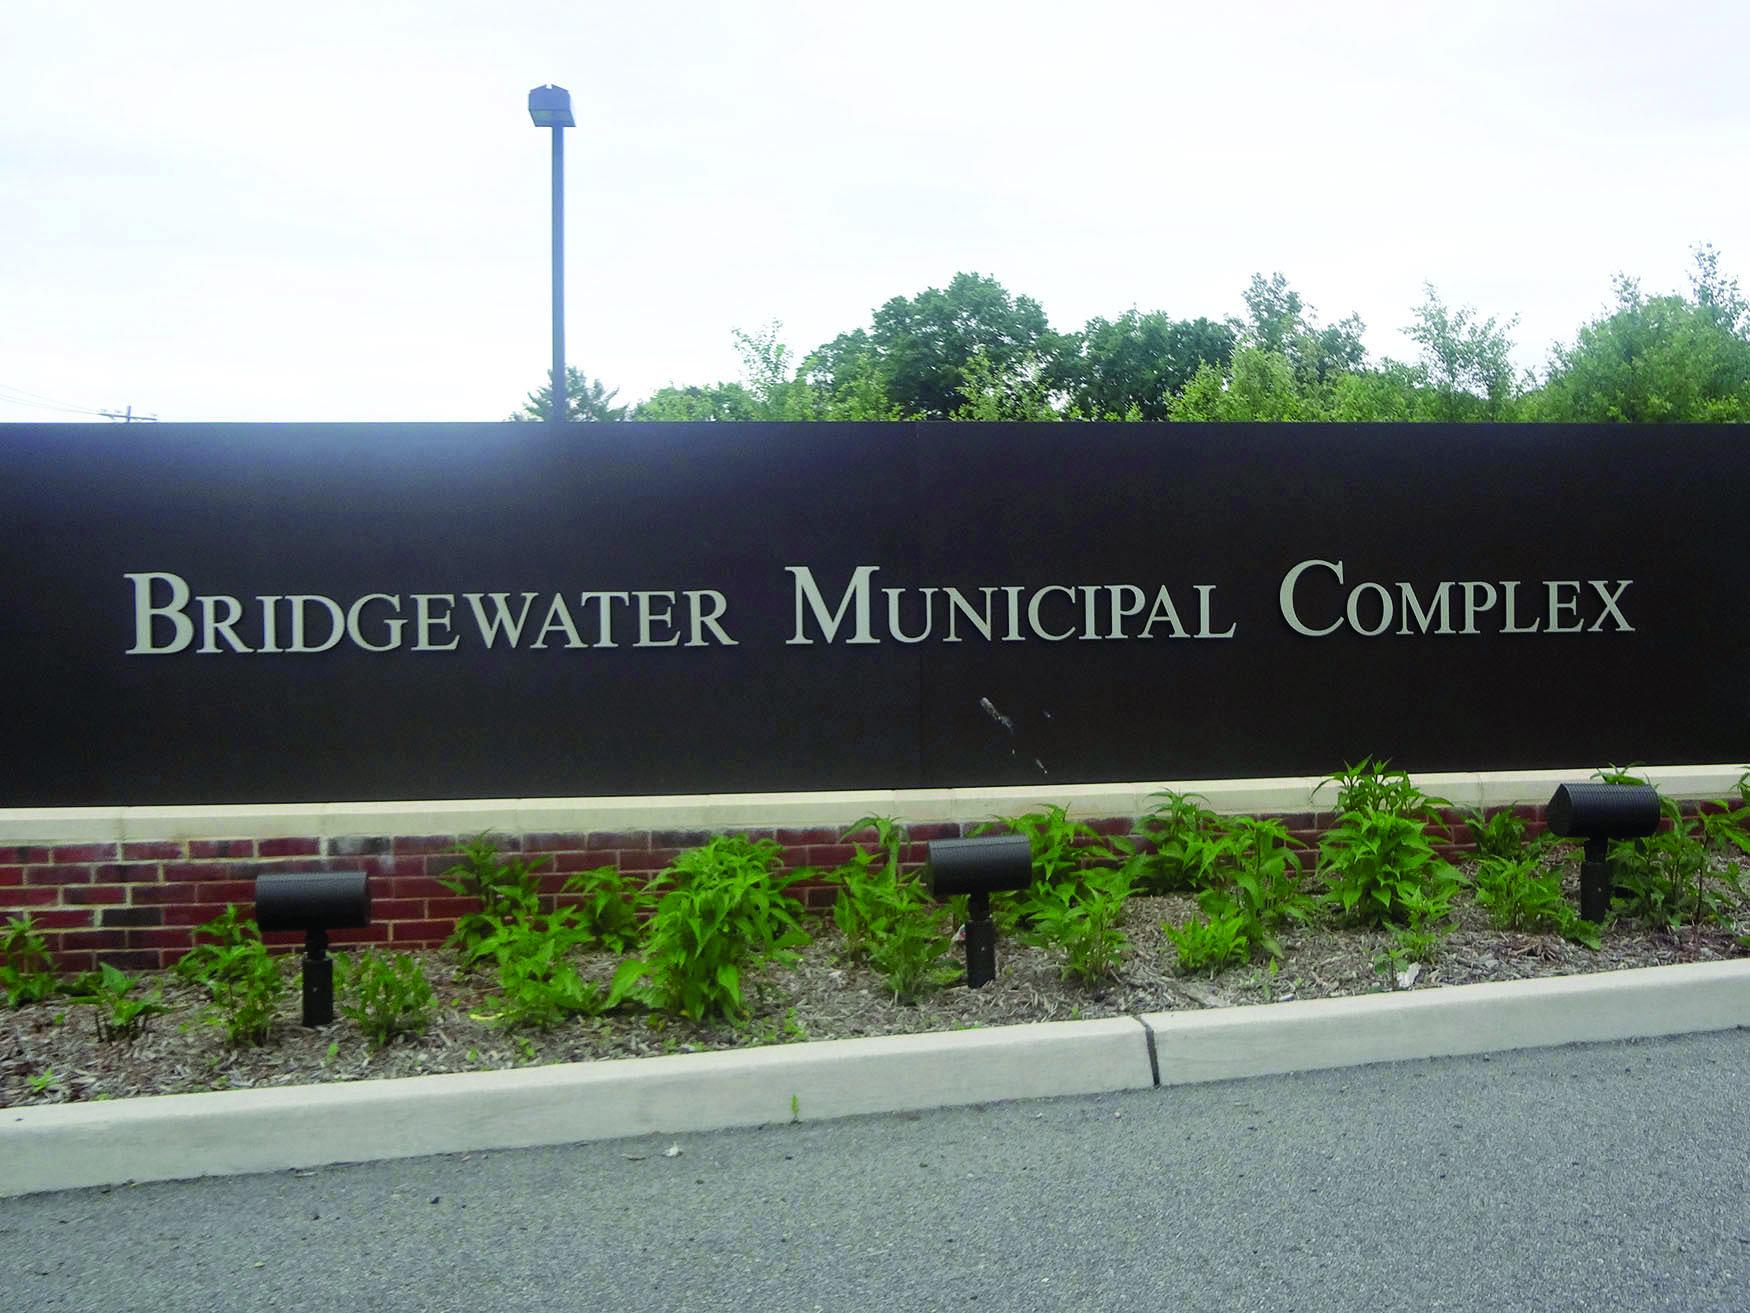 d509a4997bed8dfffd26_Bridgewater_municipal.jpg